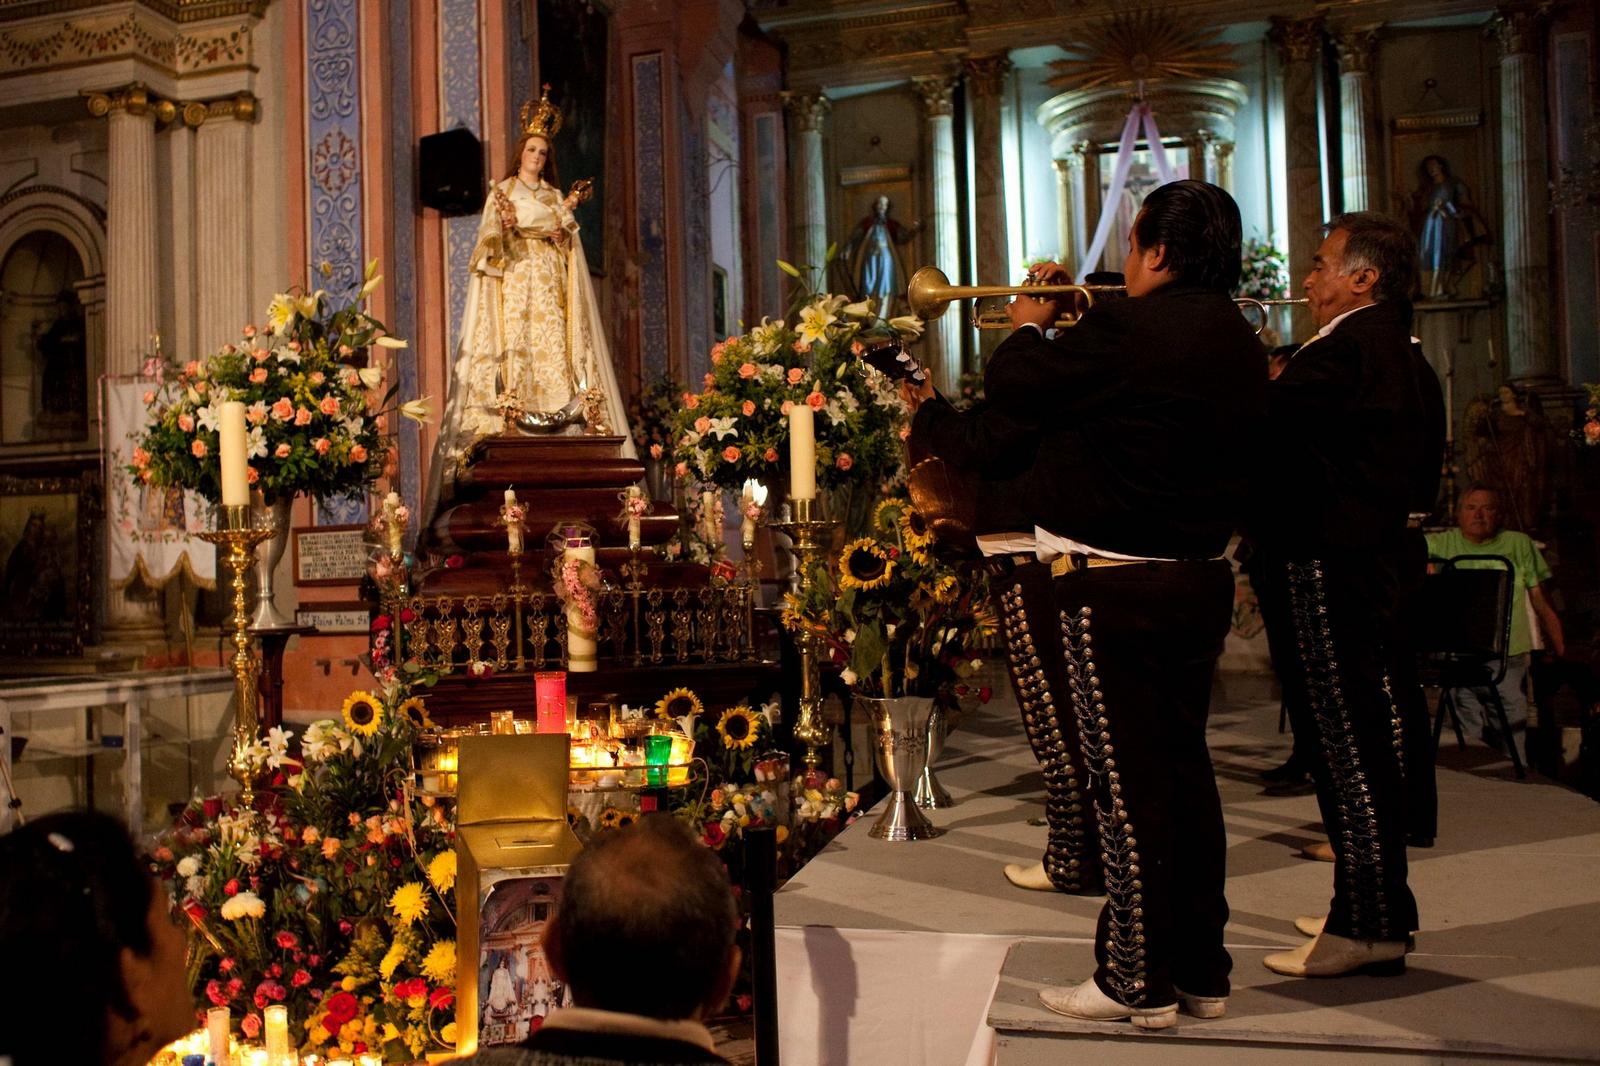 Advocaciones Mexicanas de la Candelaria, fruto de la Colonización (2 de febrero)